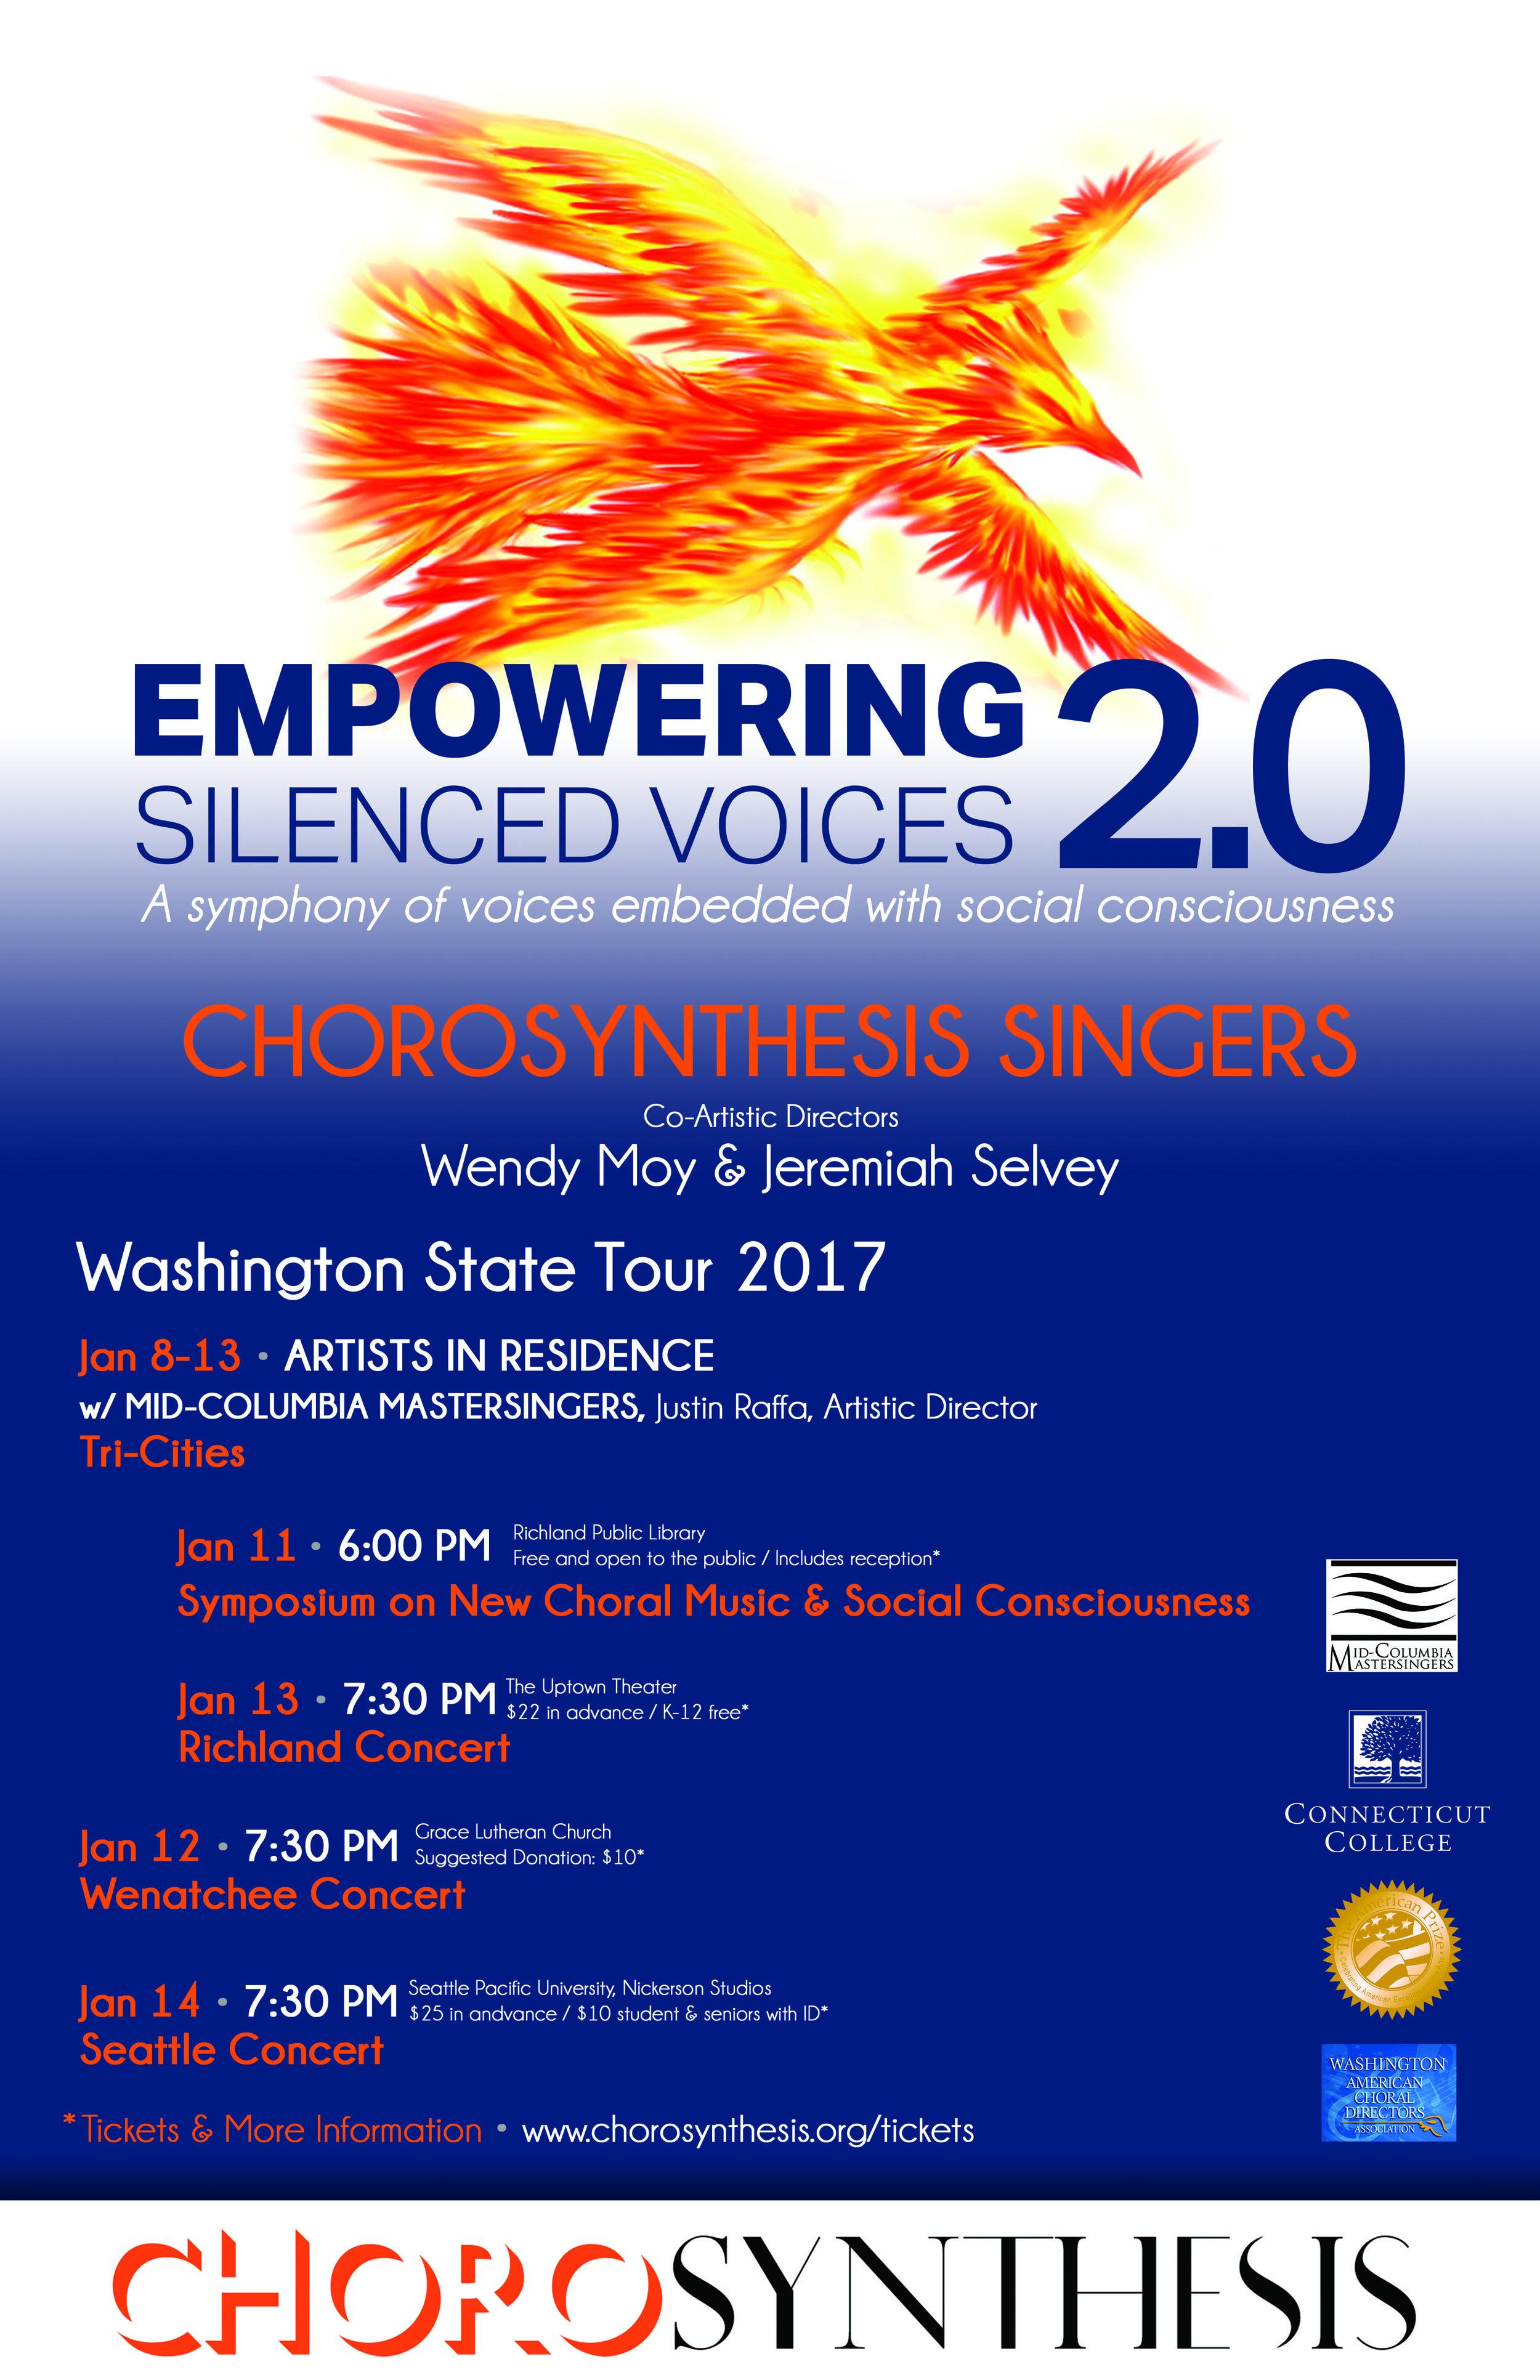 ESV 2.0 Promo Poster v.7 (1).jpg